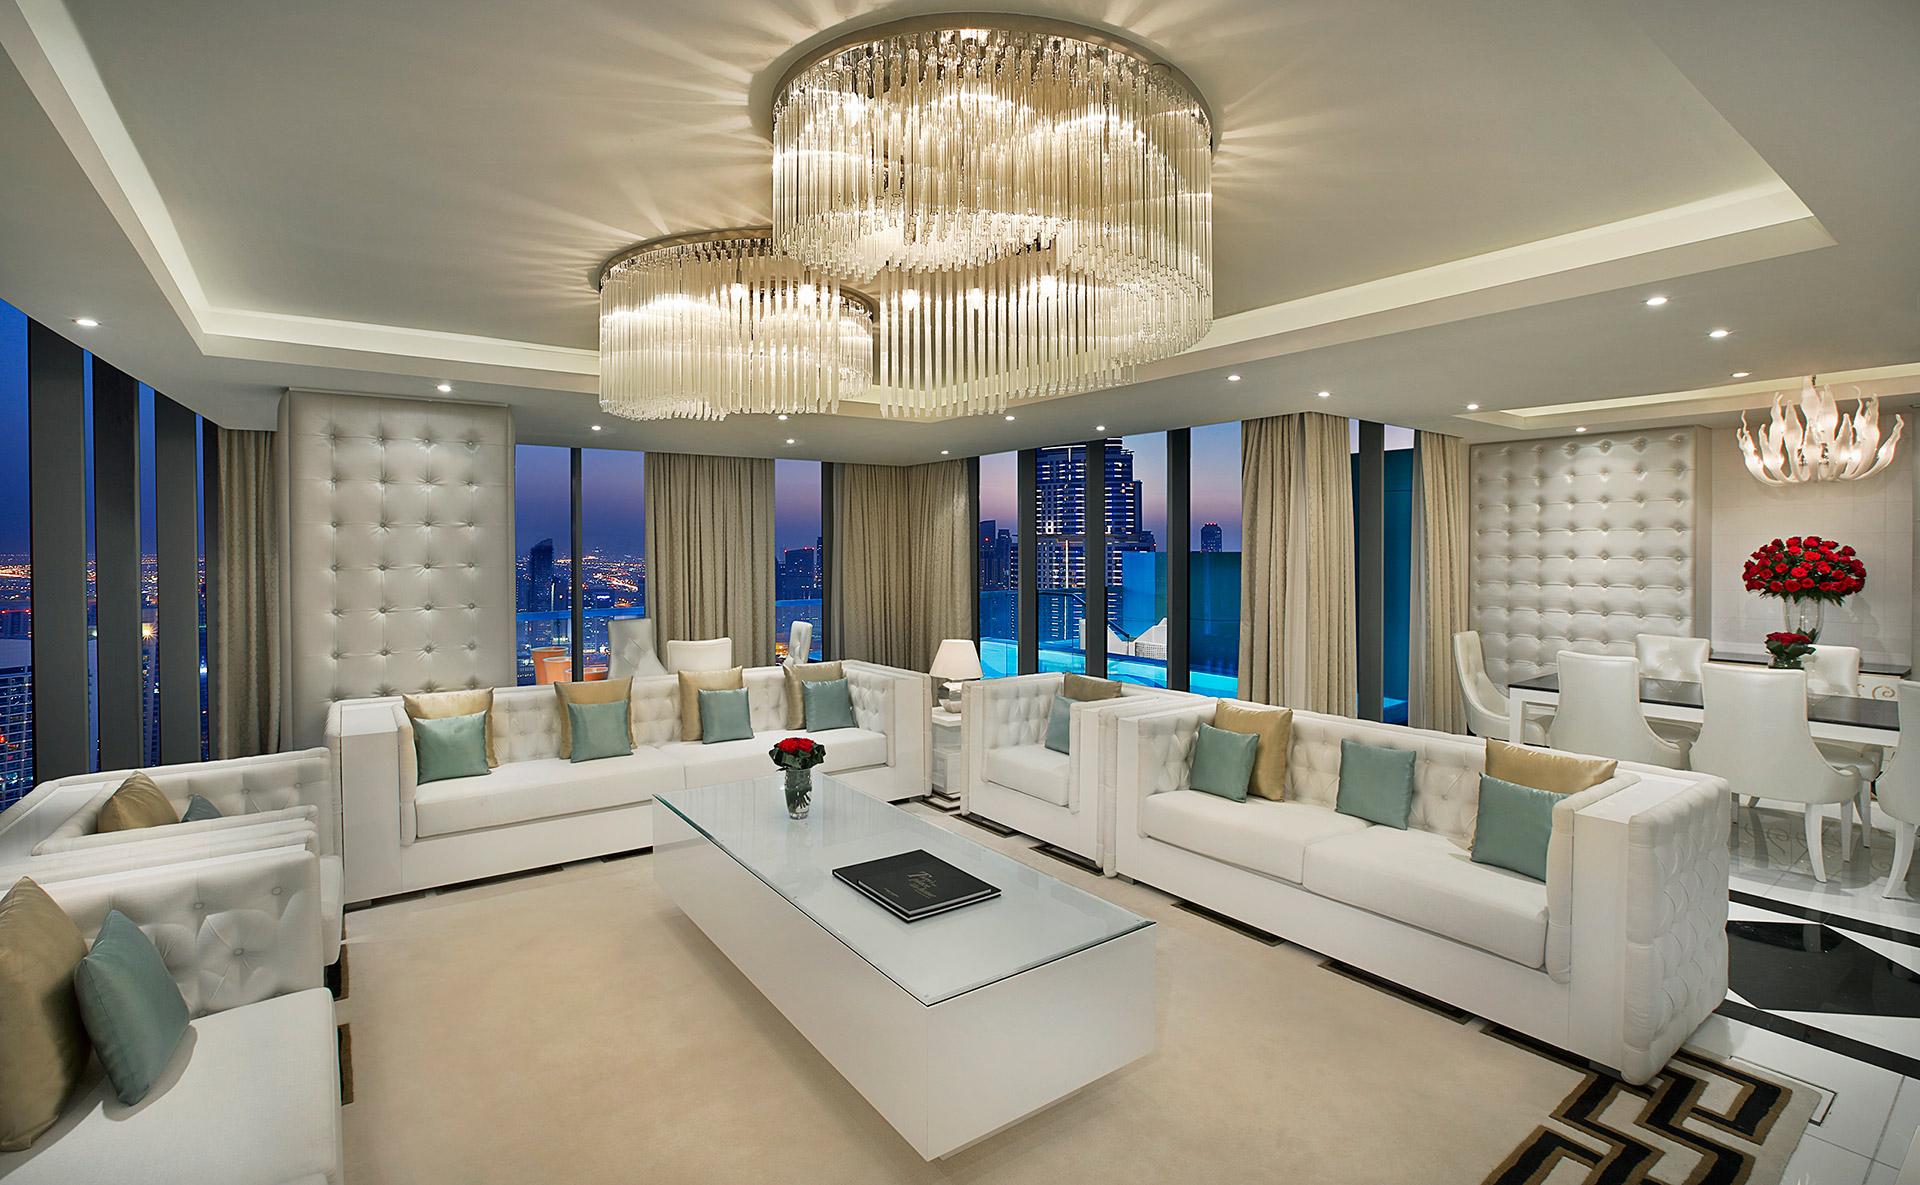 Best Hotels Dubai & Top Accommodation In Dubai – DAMAC Maison